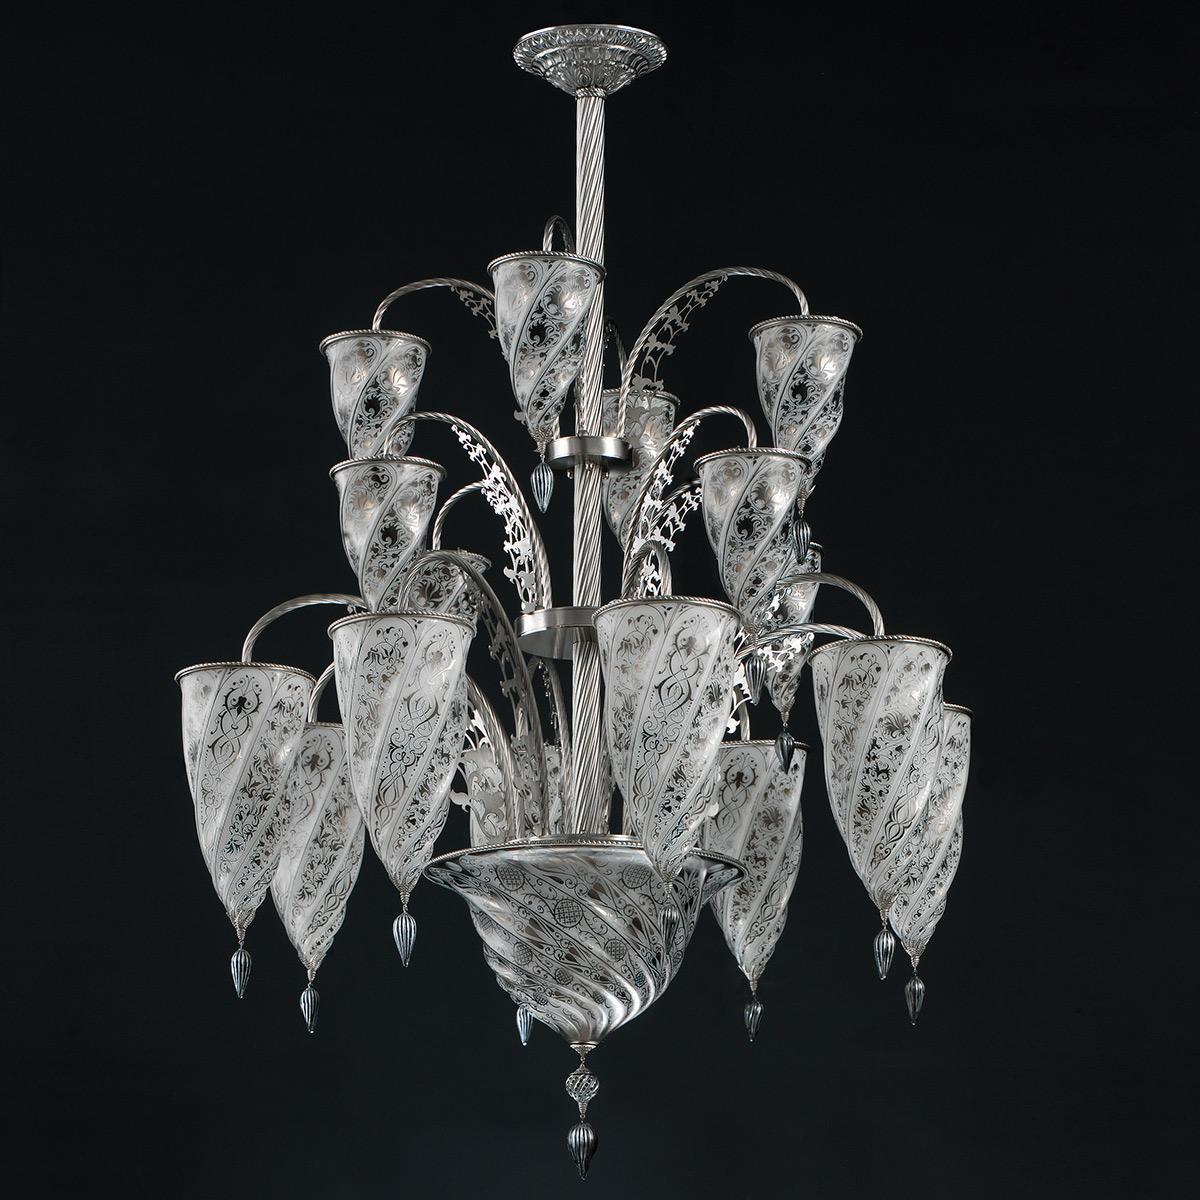 """""""Luxor"""" Murano glas Kronleuchter - 17 flammig - weiß"""